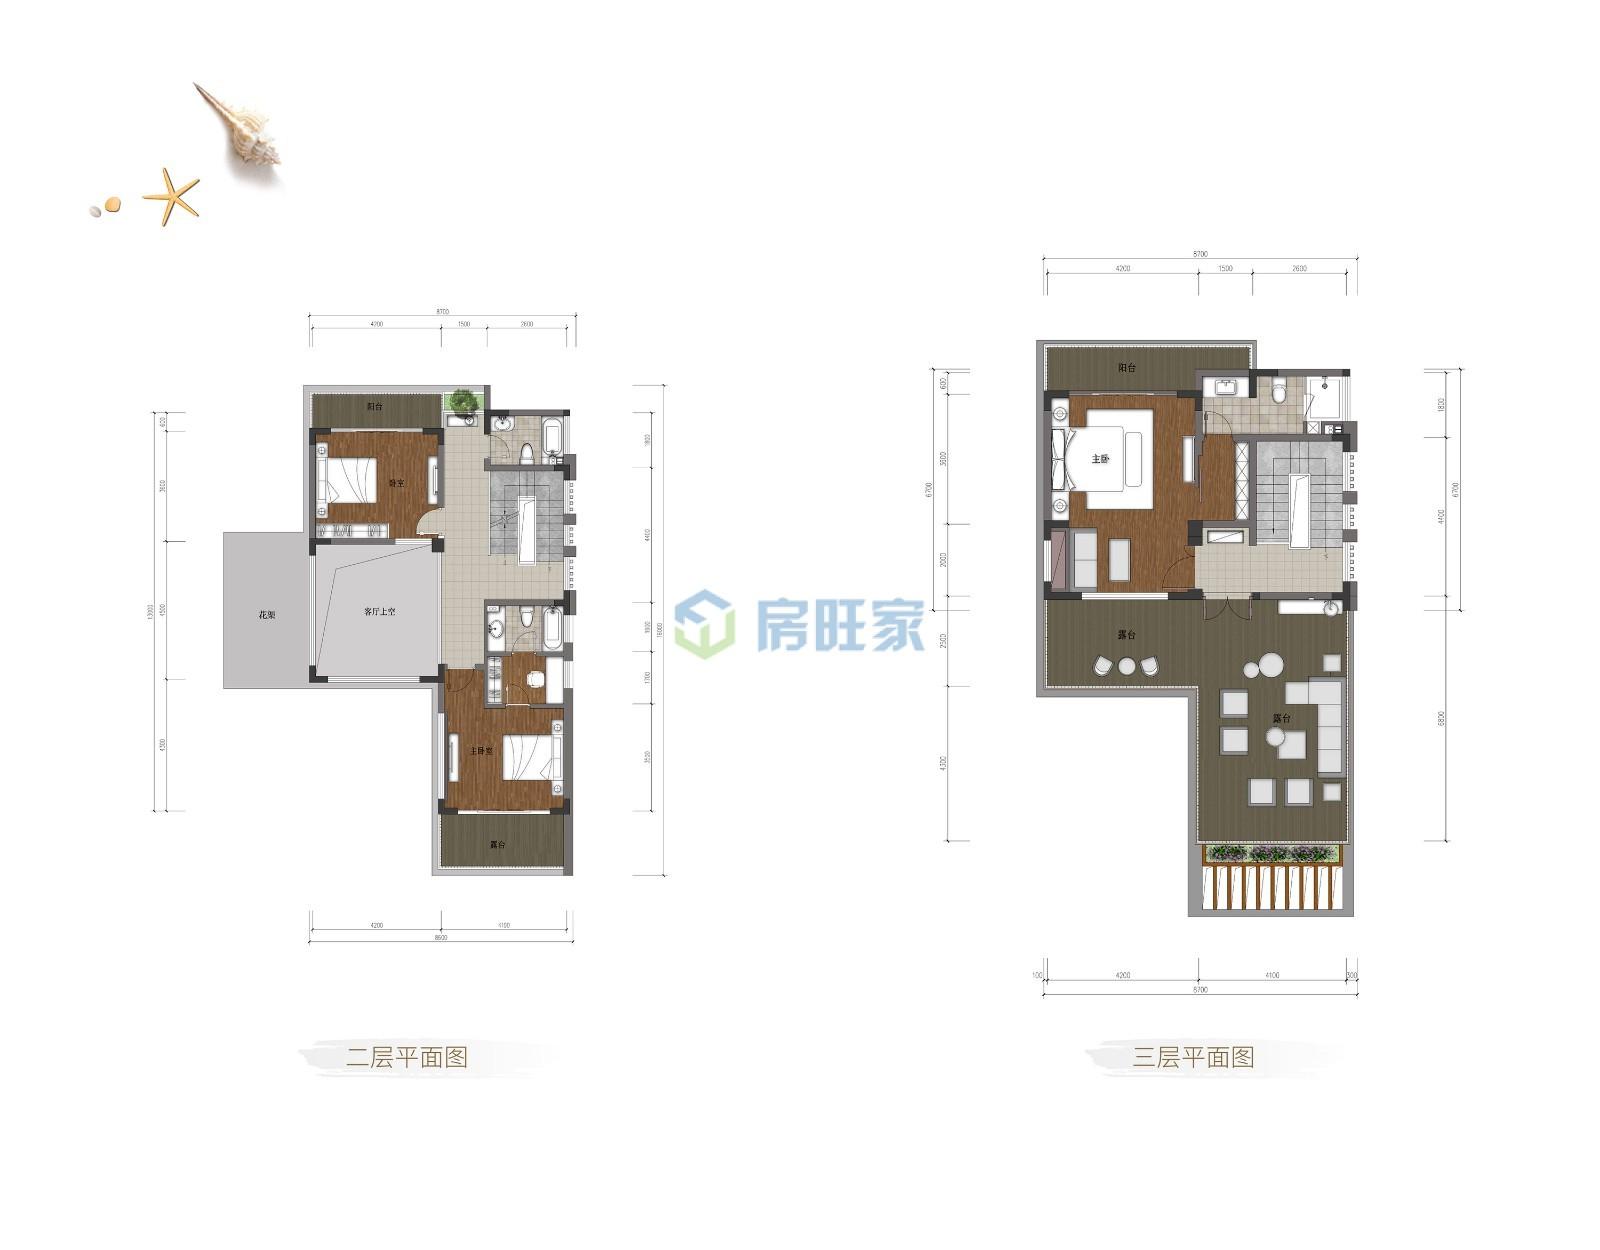 国安海岸别墅B户型二层三层 建面160平